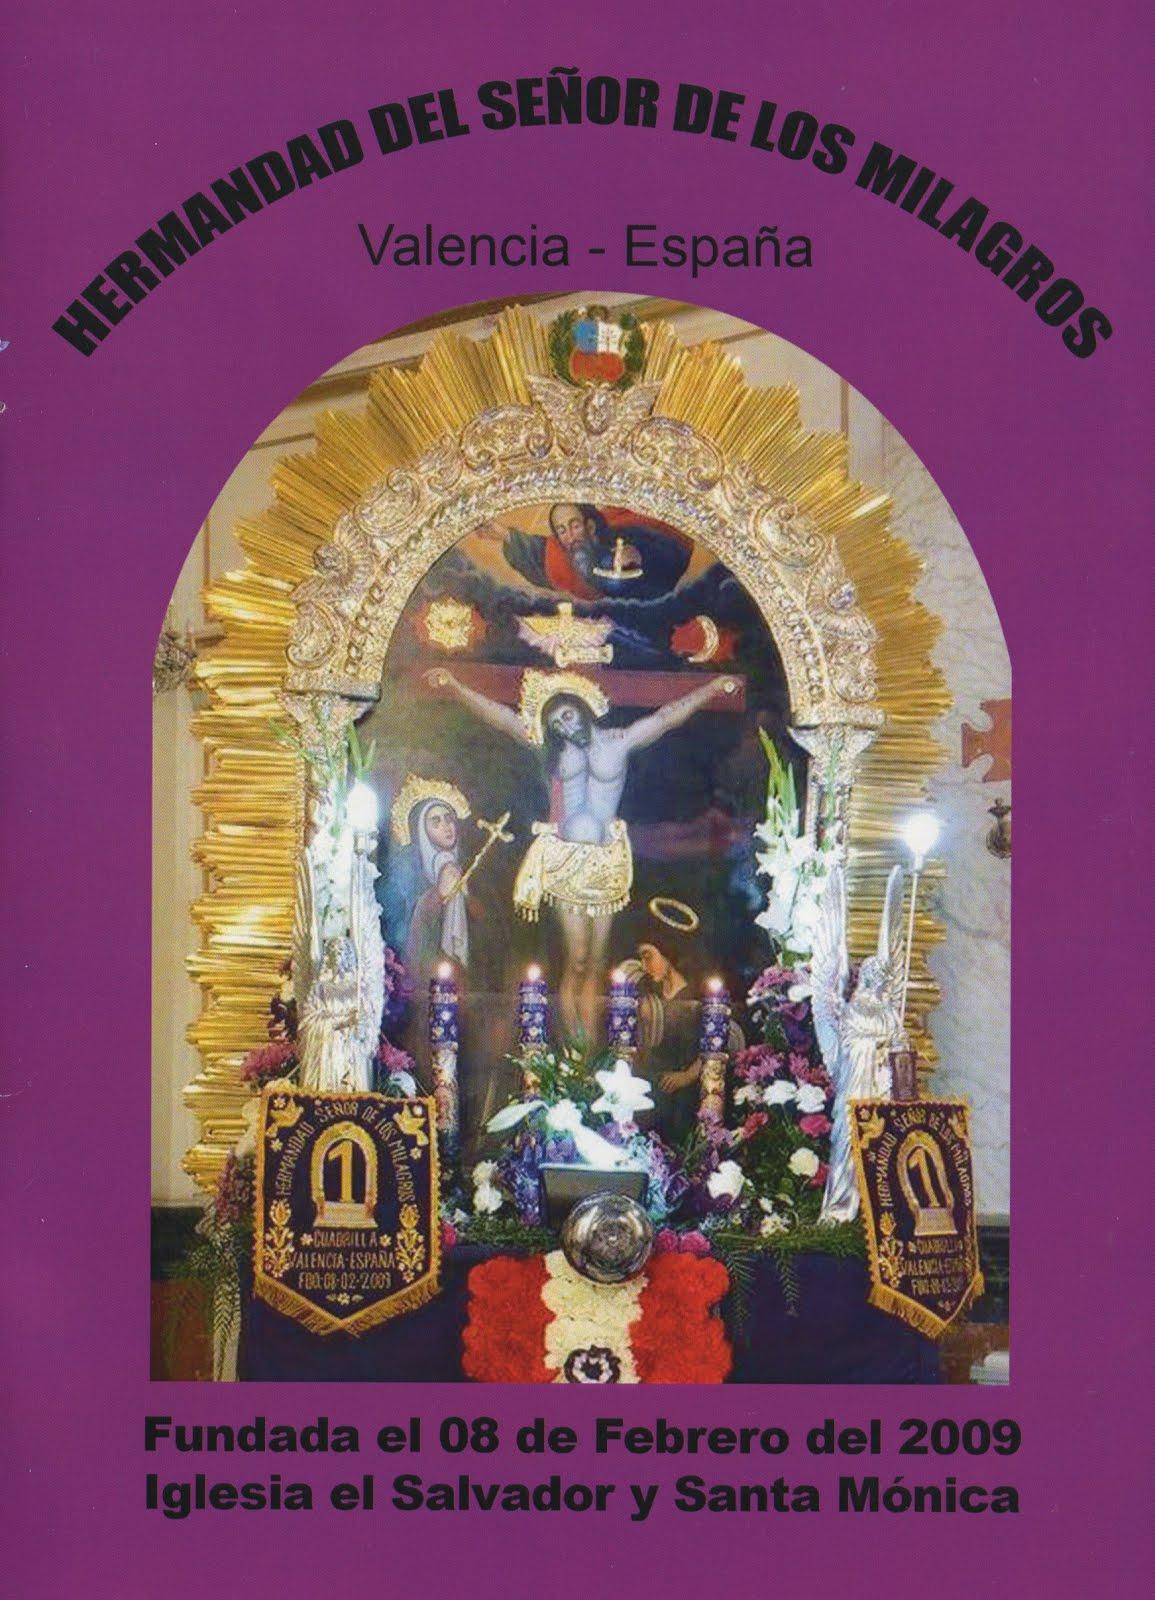 Hermandad del Señor de los Milagros de Valencia España